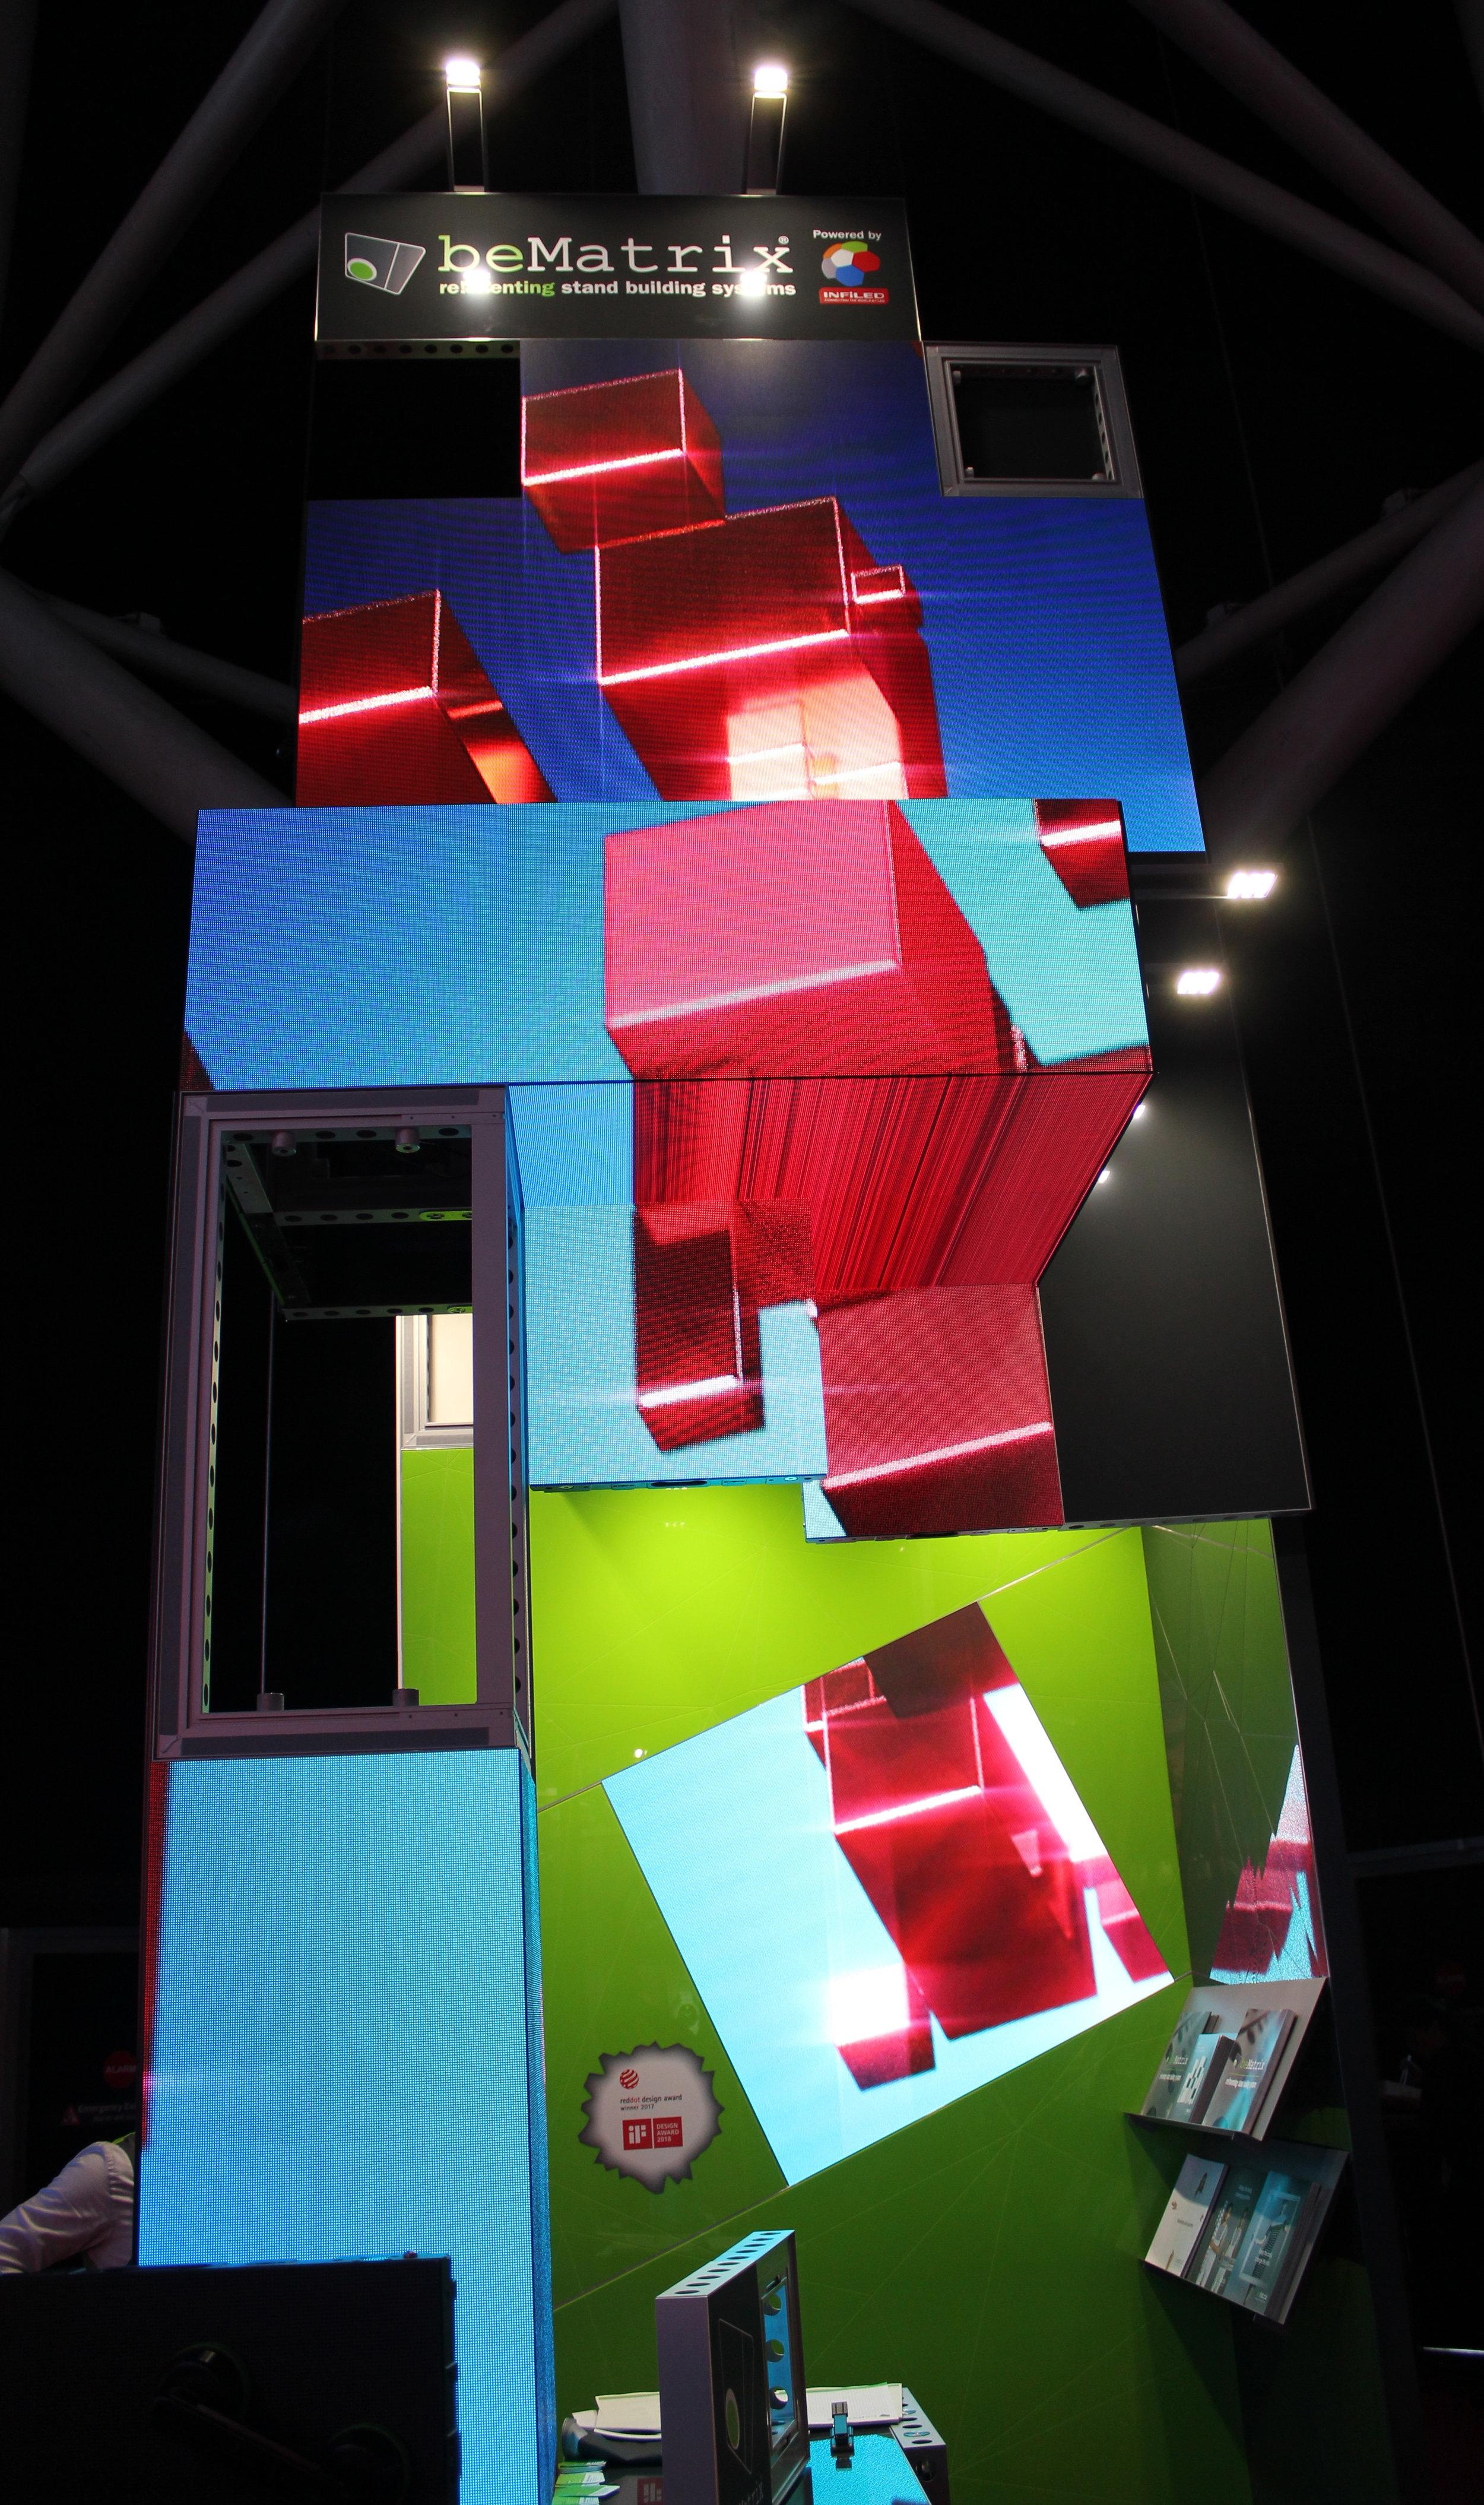 Att bygga montrar med beMatrix lego-liknande ramsystem verkar vara rena fröjden.